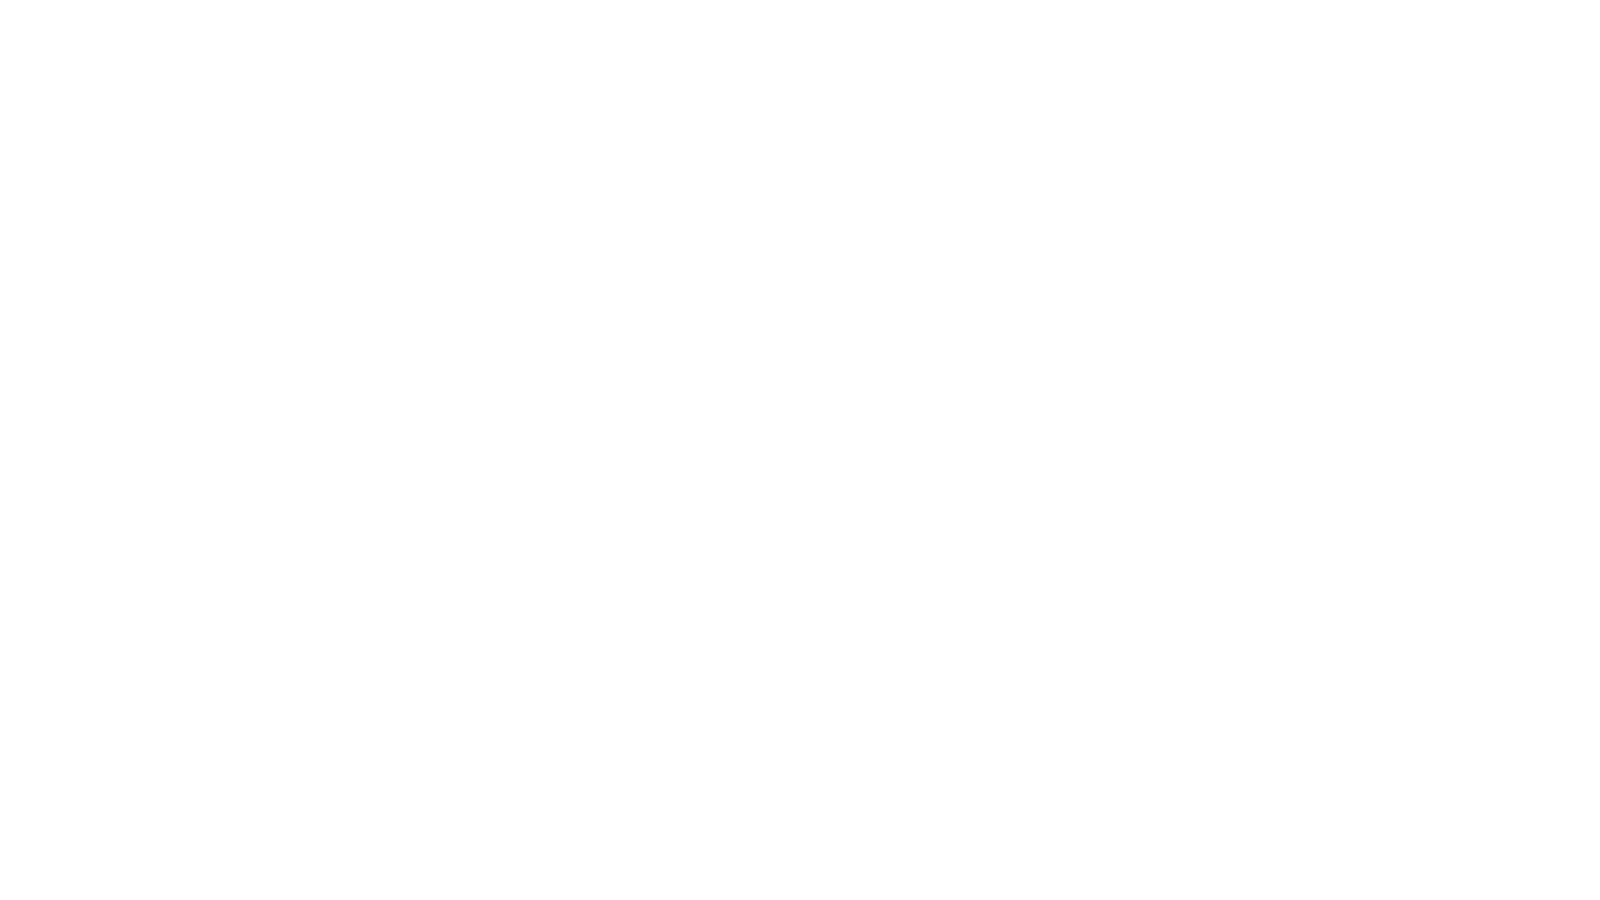 En esta Maestría se estudian las armas antiguas chinas, lo cual es el camino del guerrero interno.  Como parte integral de Pa Kua, el estudio de las armas es fundamental para el desarrollo de las artes marciales.  La coordinación, la precisión y la disciplina son algunos de los numerosos beneficios de estudiar armas.  Las clases de Armas, son en Pa Kua las que contienen mayor estructura, ceremonial, protocolo y marcialidad. También son las clases en las cuales se cultiva y practica la mayor disciplina.  Estas clases no son para cualquiera, quien quiera practicar esta Maestría debe tener el coraje de enfrentar la discilplina y el camino de las virtudes, que han de conducirtlo a la pulcritud.  Lo mencionado antes es necesario, por un lado para introducirnos en la práctica de las técnicas de combate con espadas y otras armas con filo, y por otro lado porque se sabe desde la antiguedad que la disciplina nos lleva a vivir una vida ordenada.